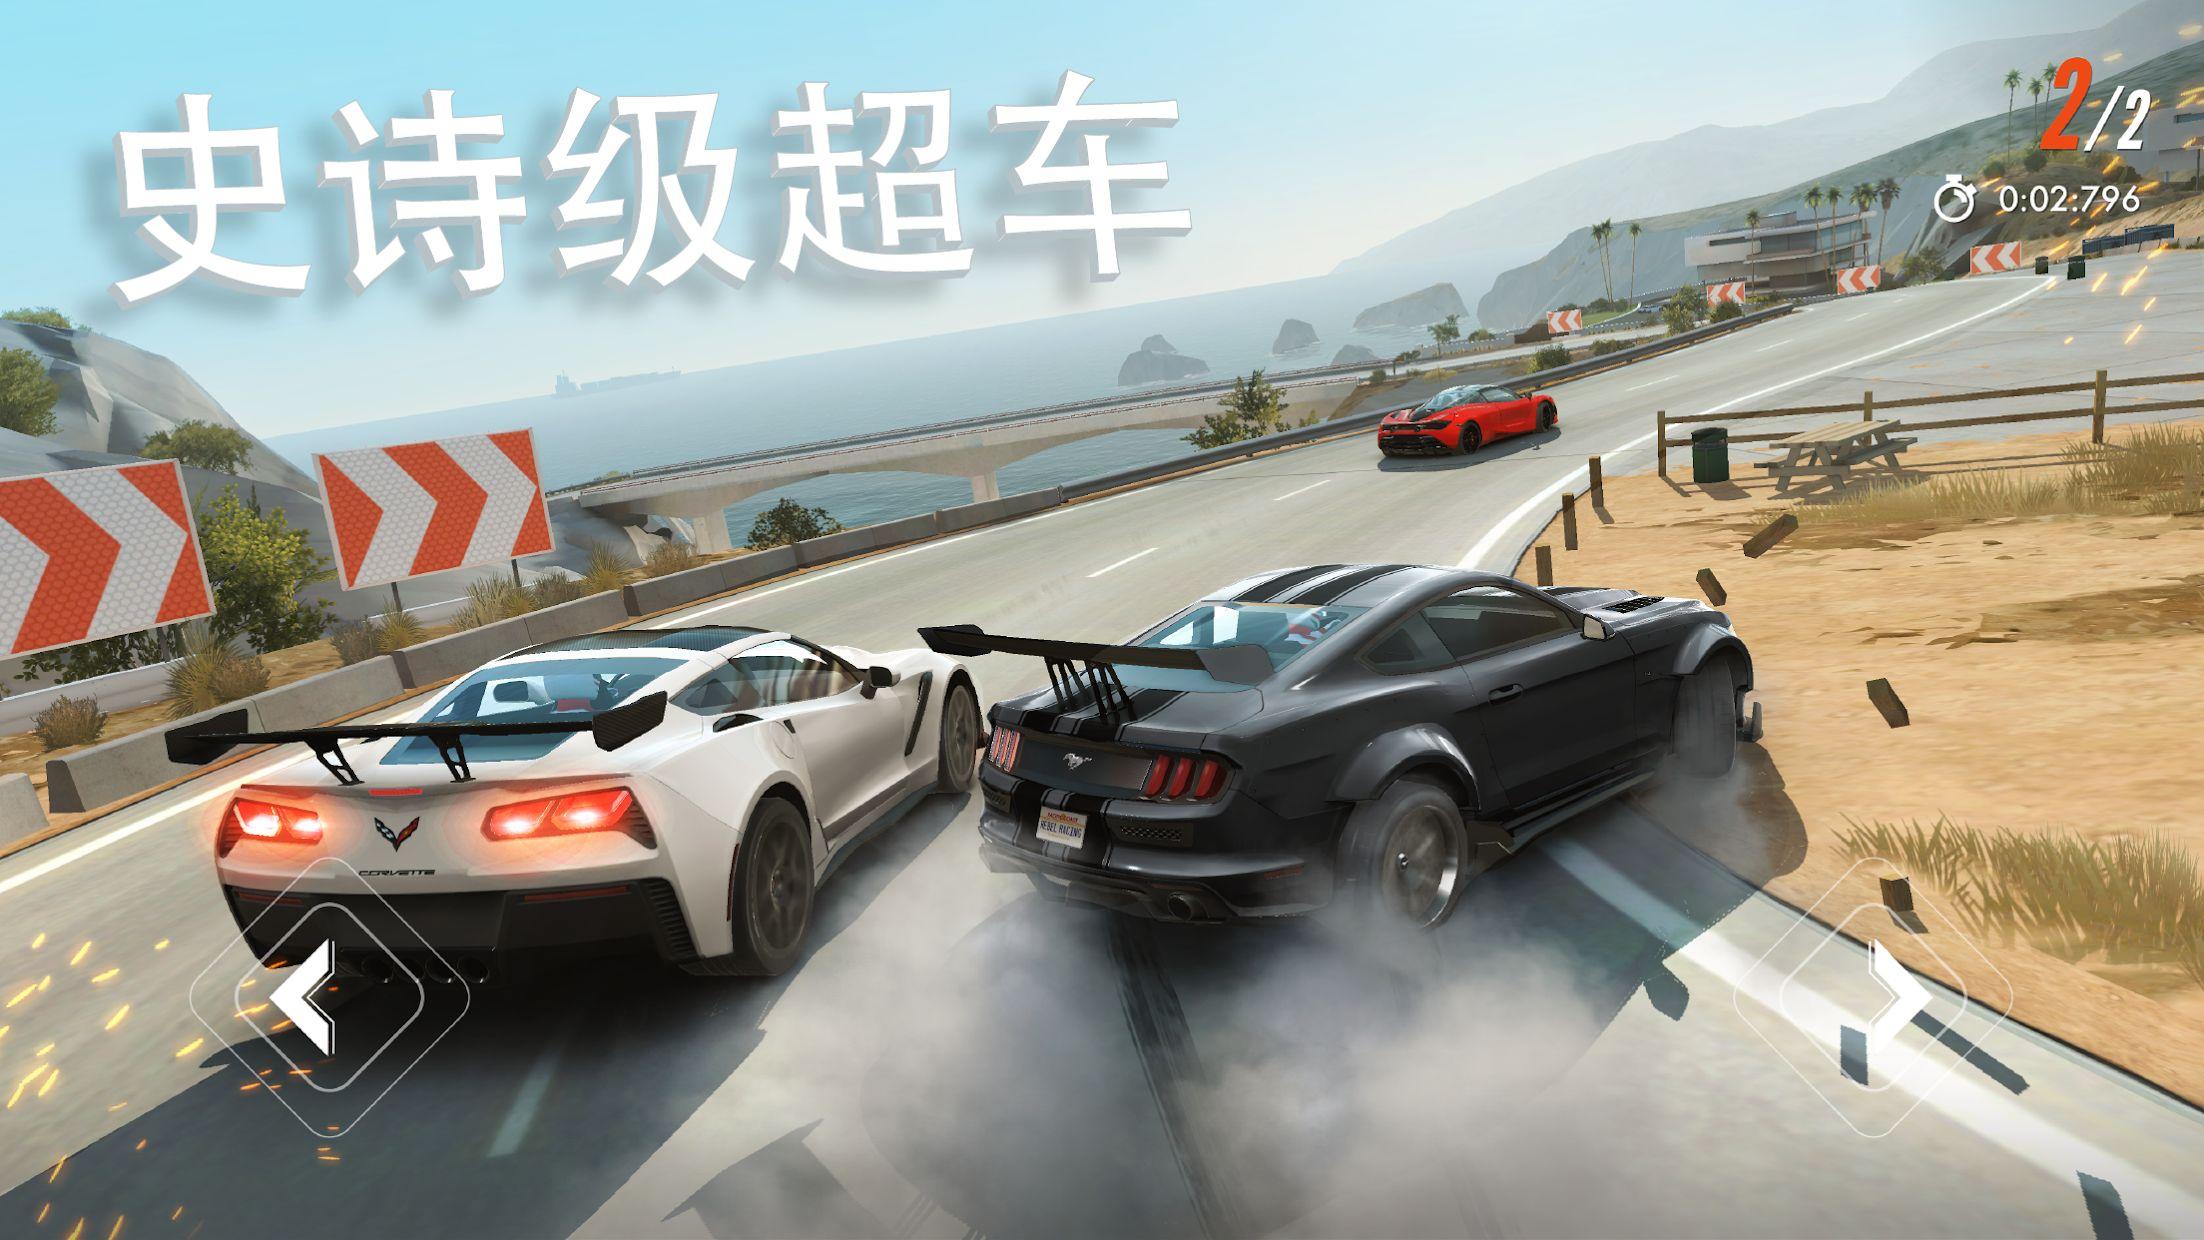 反叛赛车 游戏截图2